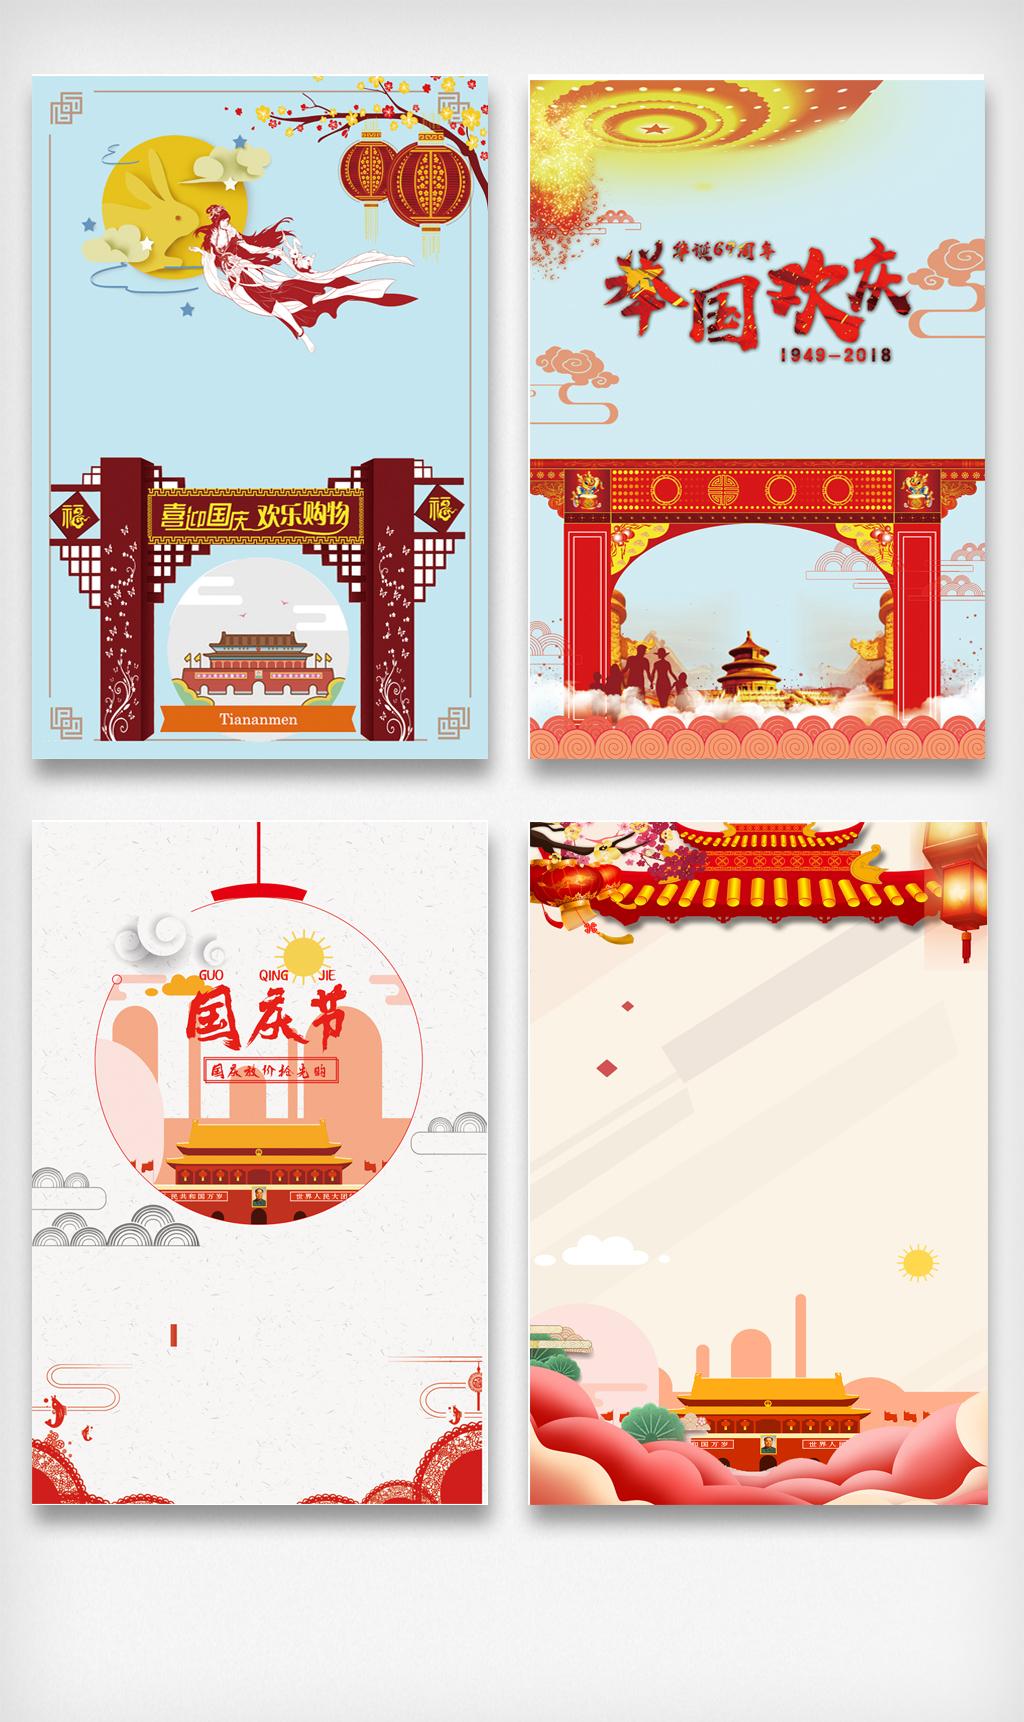 简洁中国风手绘中秋国庆海报背景元素